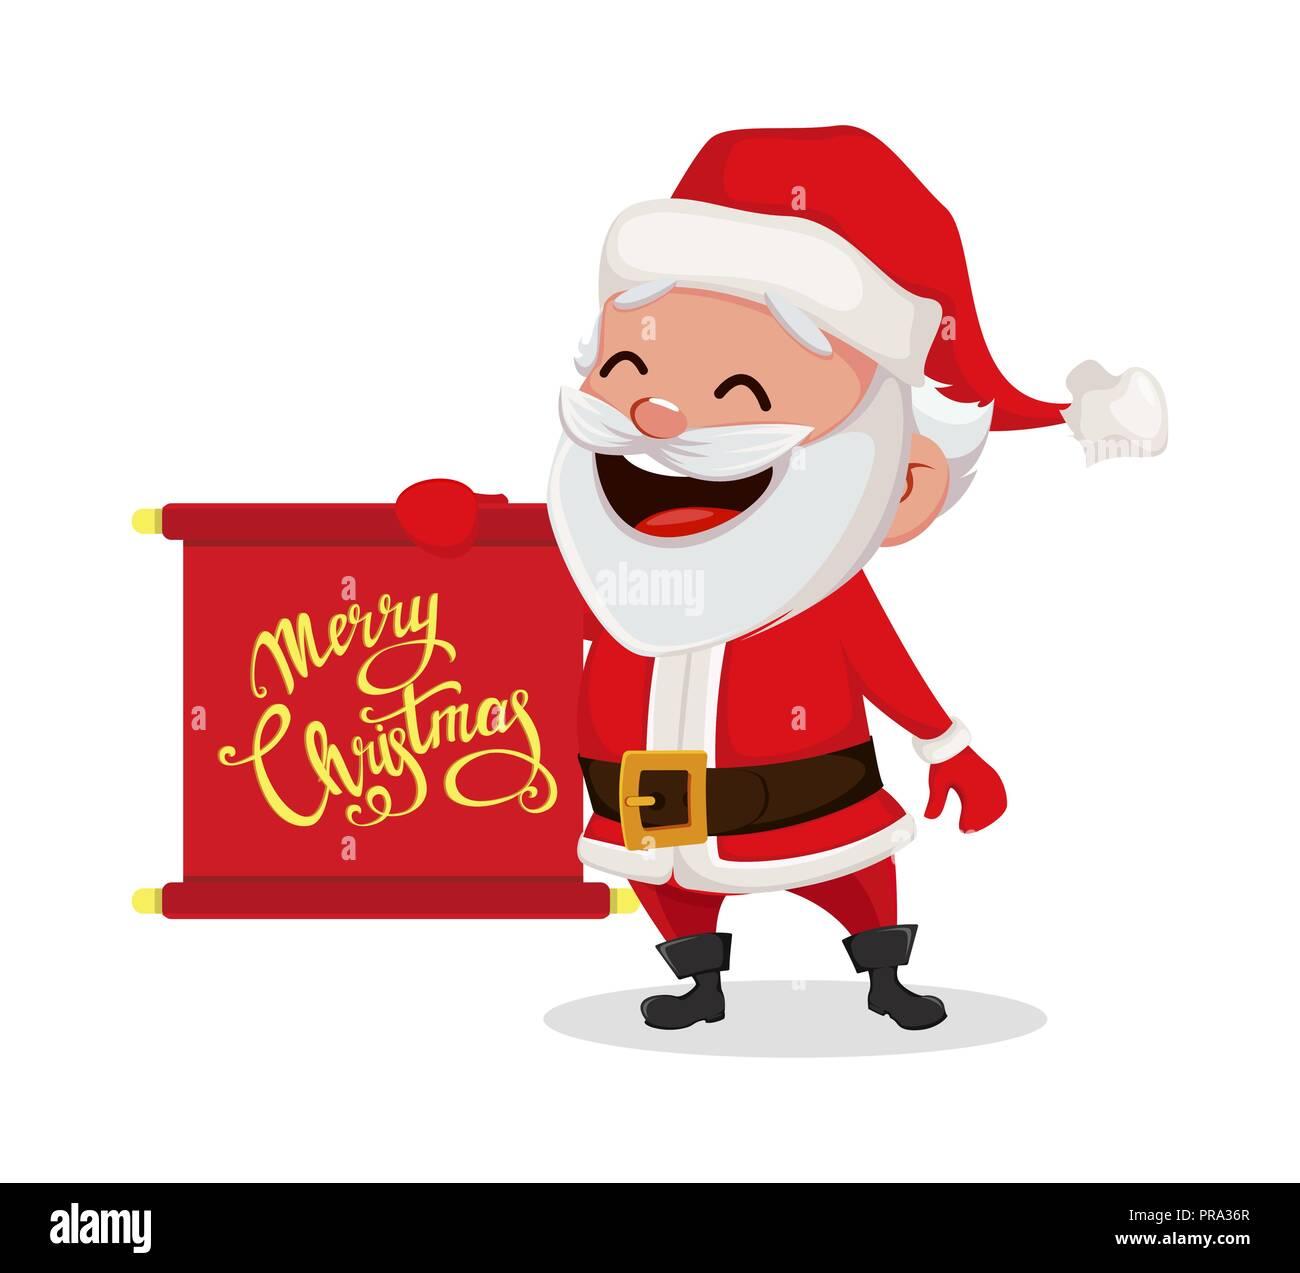 Weihnachten Funny.Frohe Weihnachten Funny Santa Claus Fröhliche Zeichentrickfigur